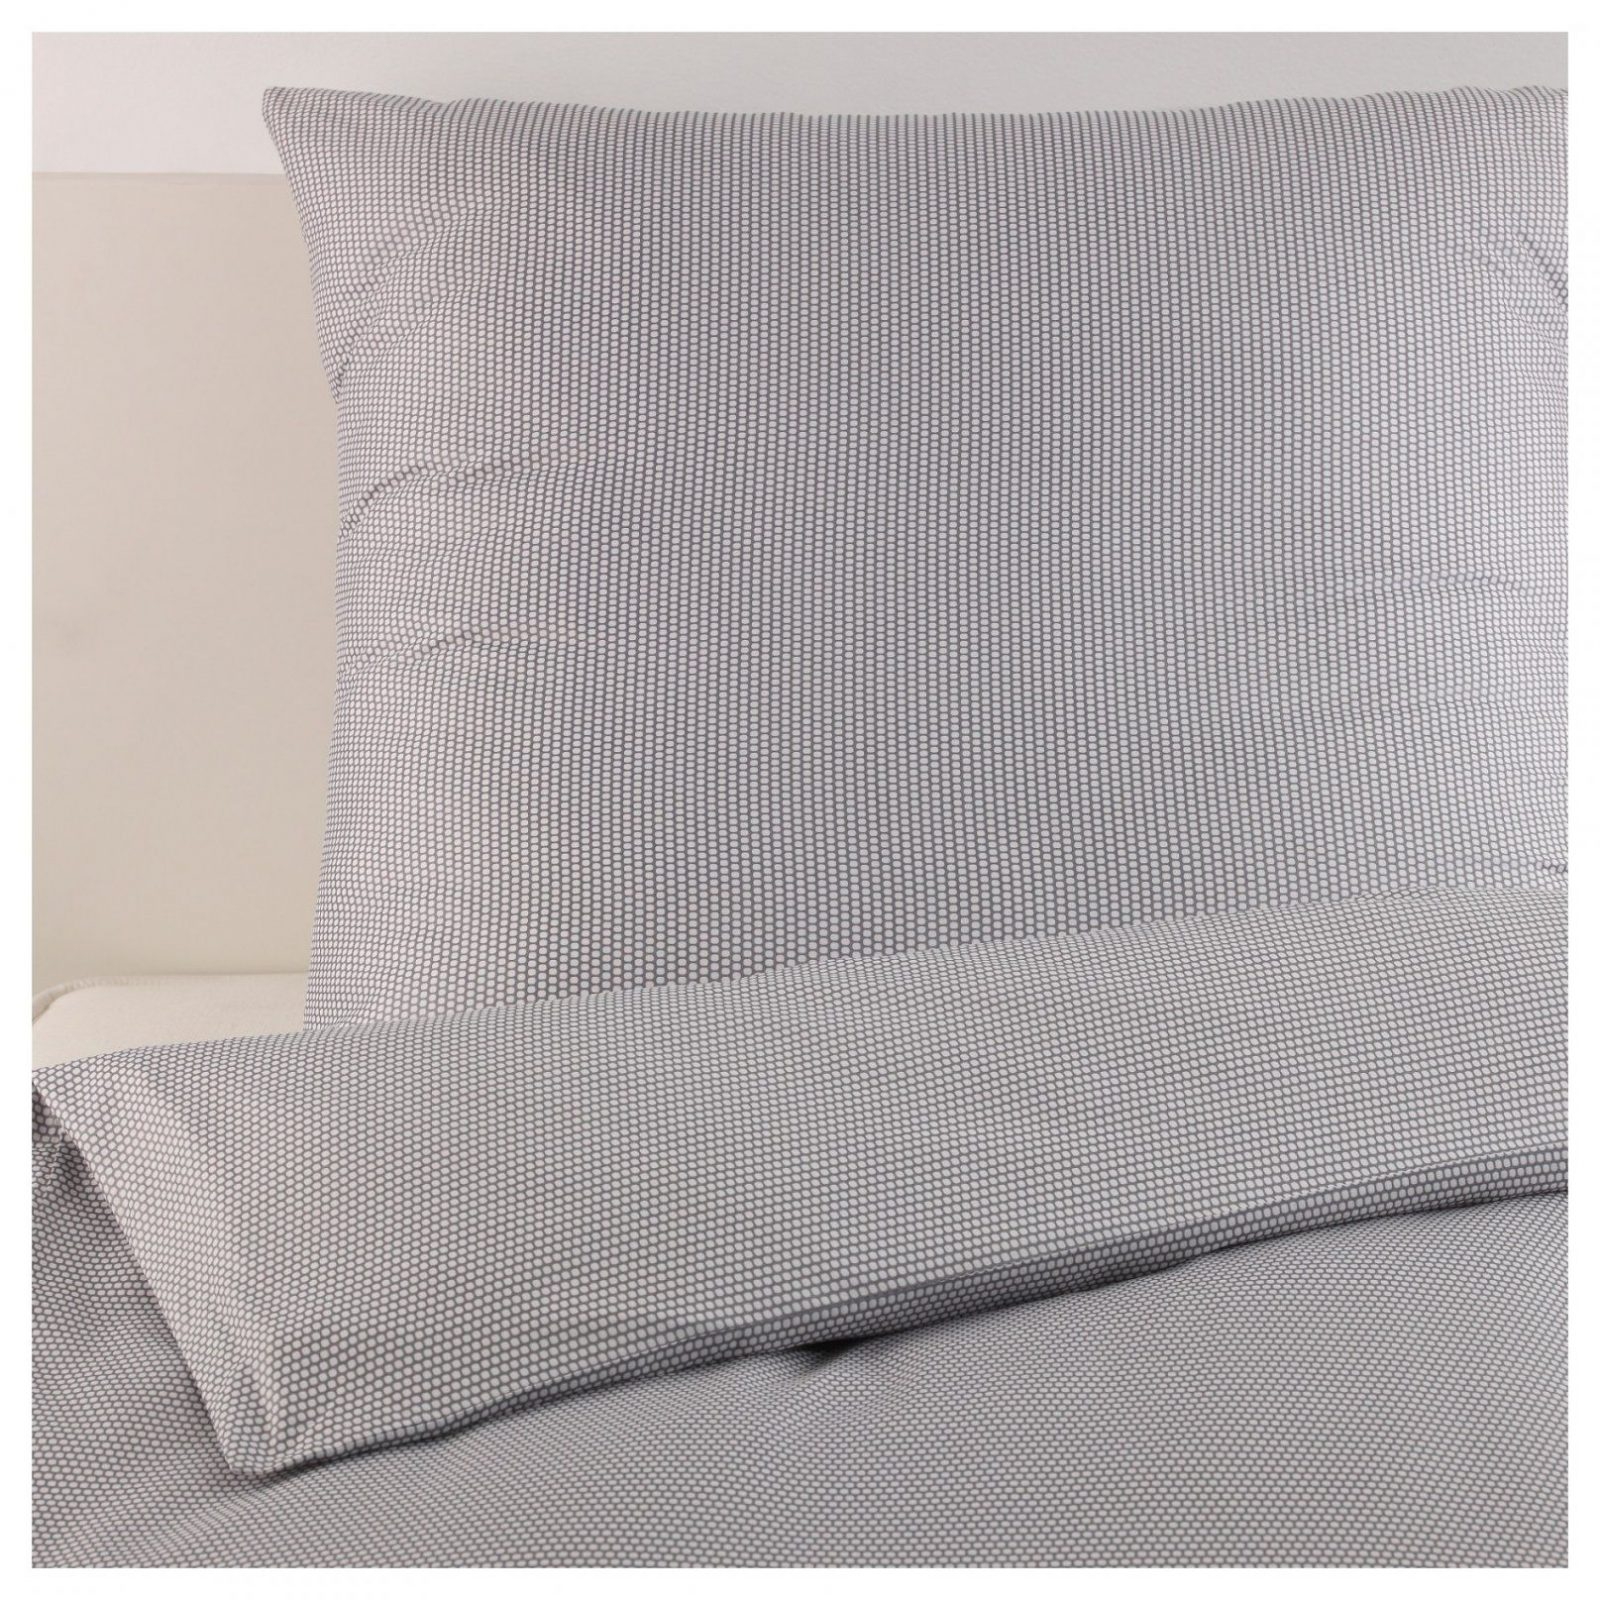 Interessant Bettwäsche Günstig Online Kaufen Ikea Zum Bettwäsche von Ikea Biber Bettwäsche Photo